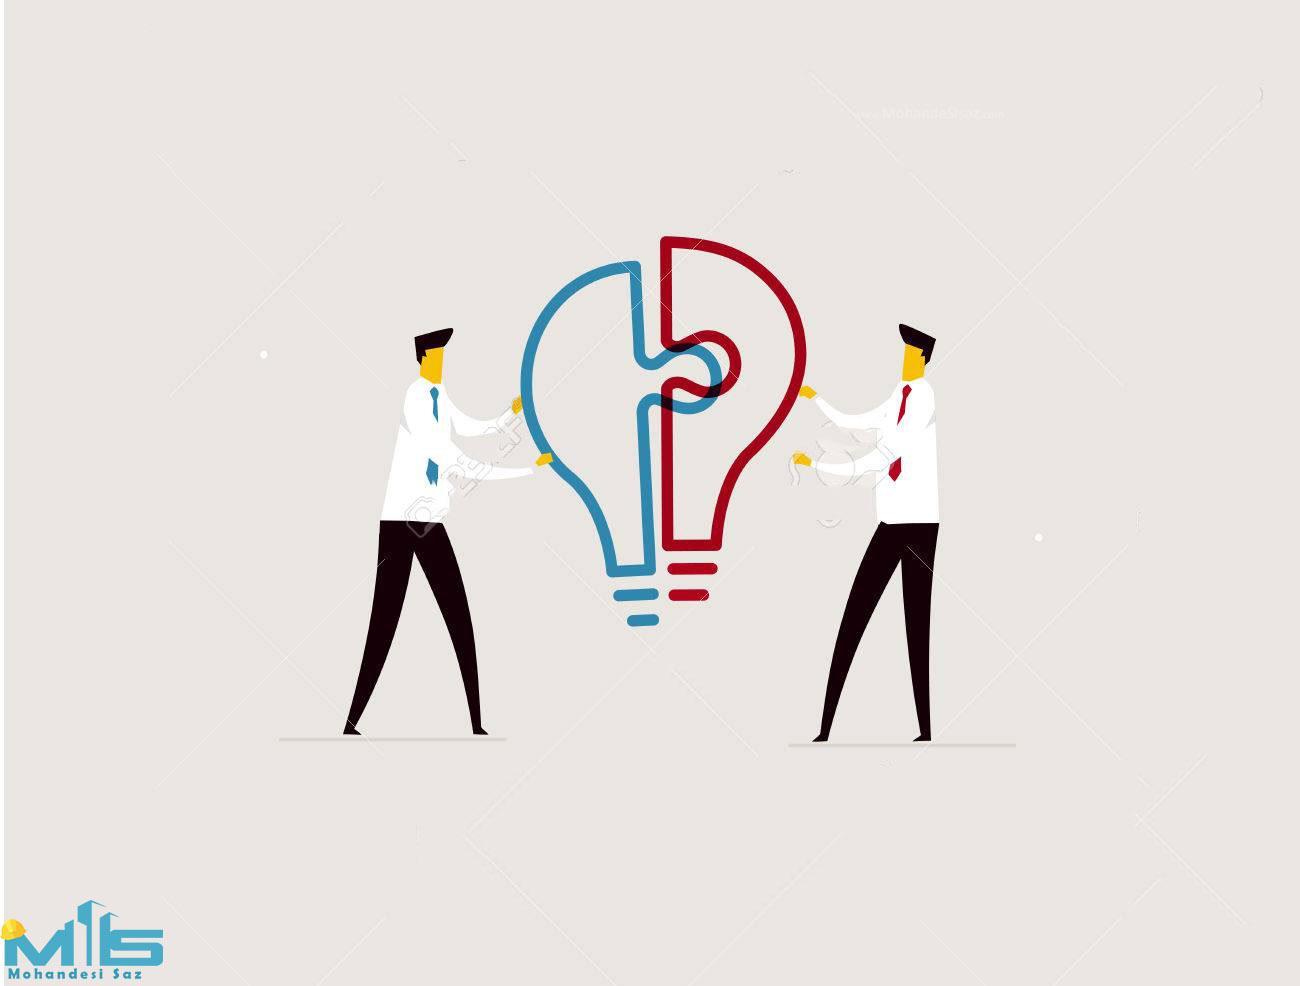 با مهندسی ساز چگونه همکاری کنیم ؟